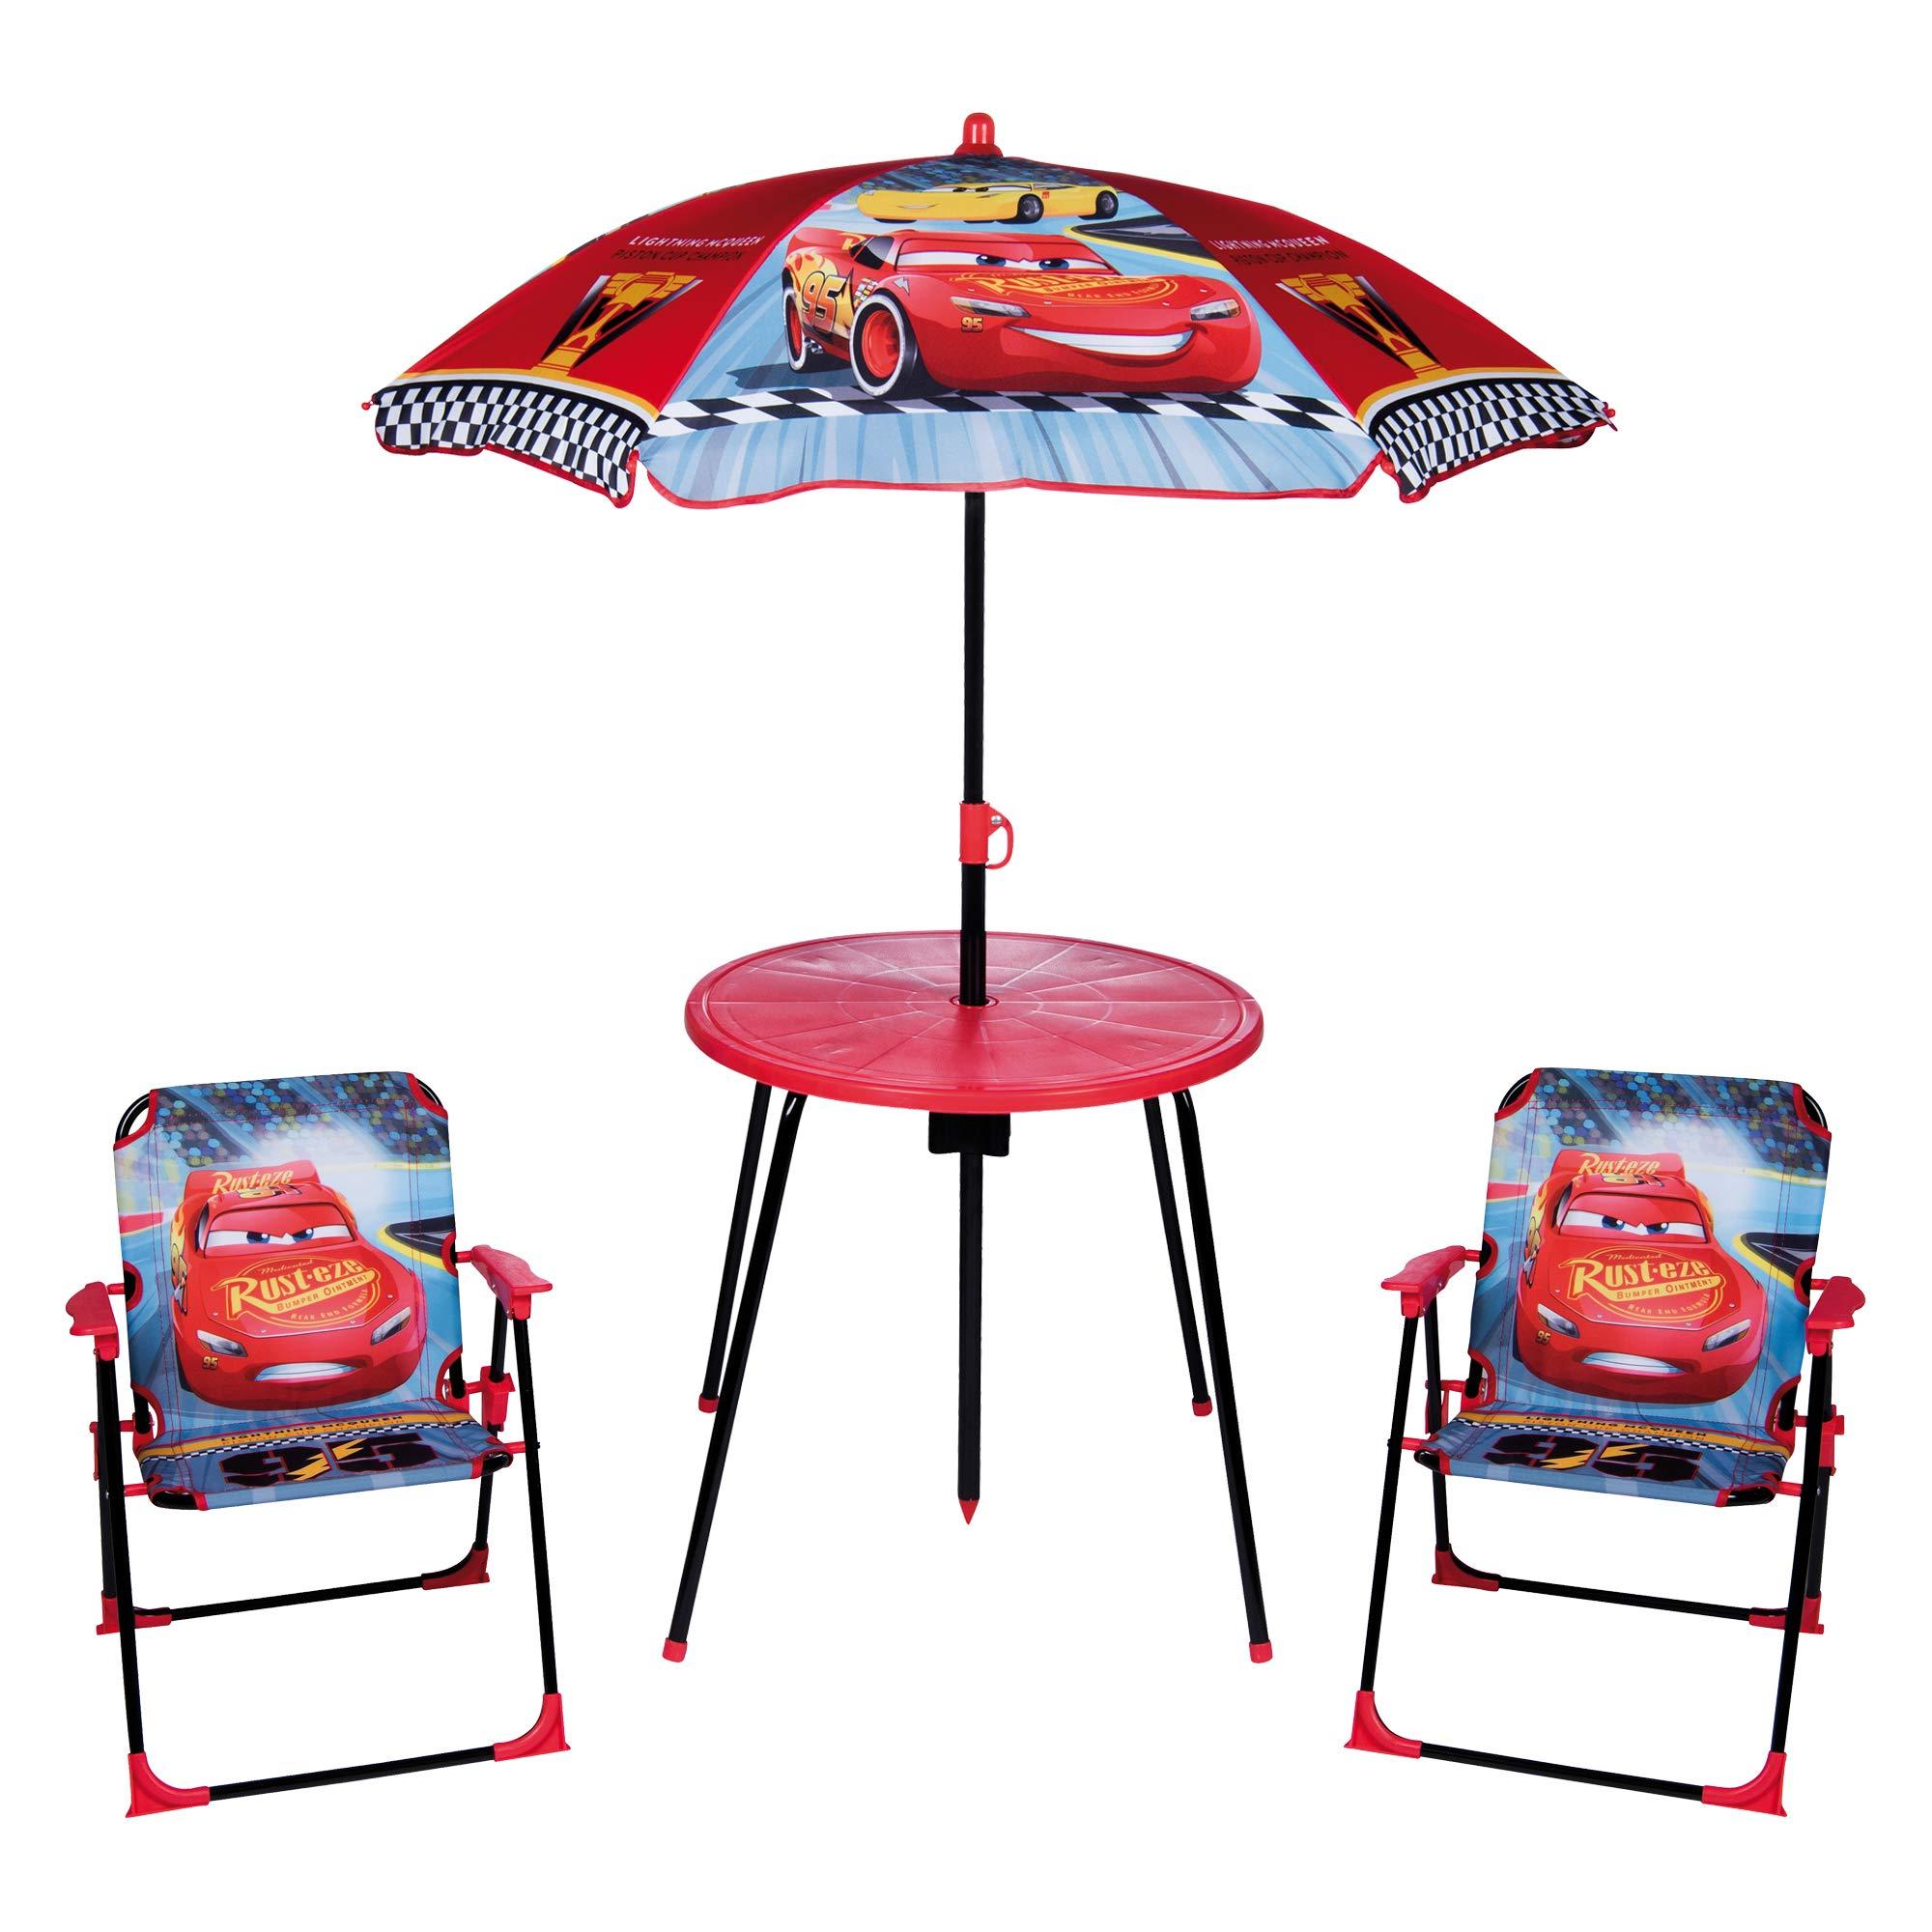 URBN Toys - Juego de jardín y Picnic para niños, sombrilla, Mesa y 2 sillas, Disney Cars 3: Amazon.es: Jardín